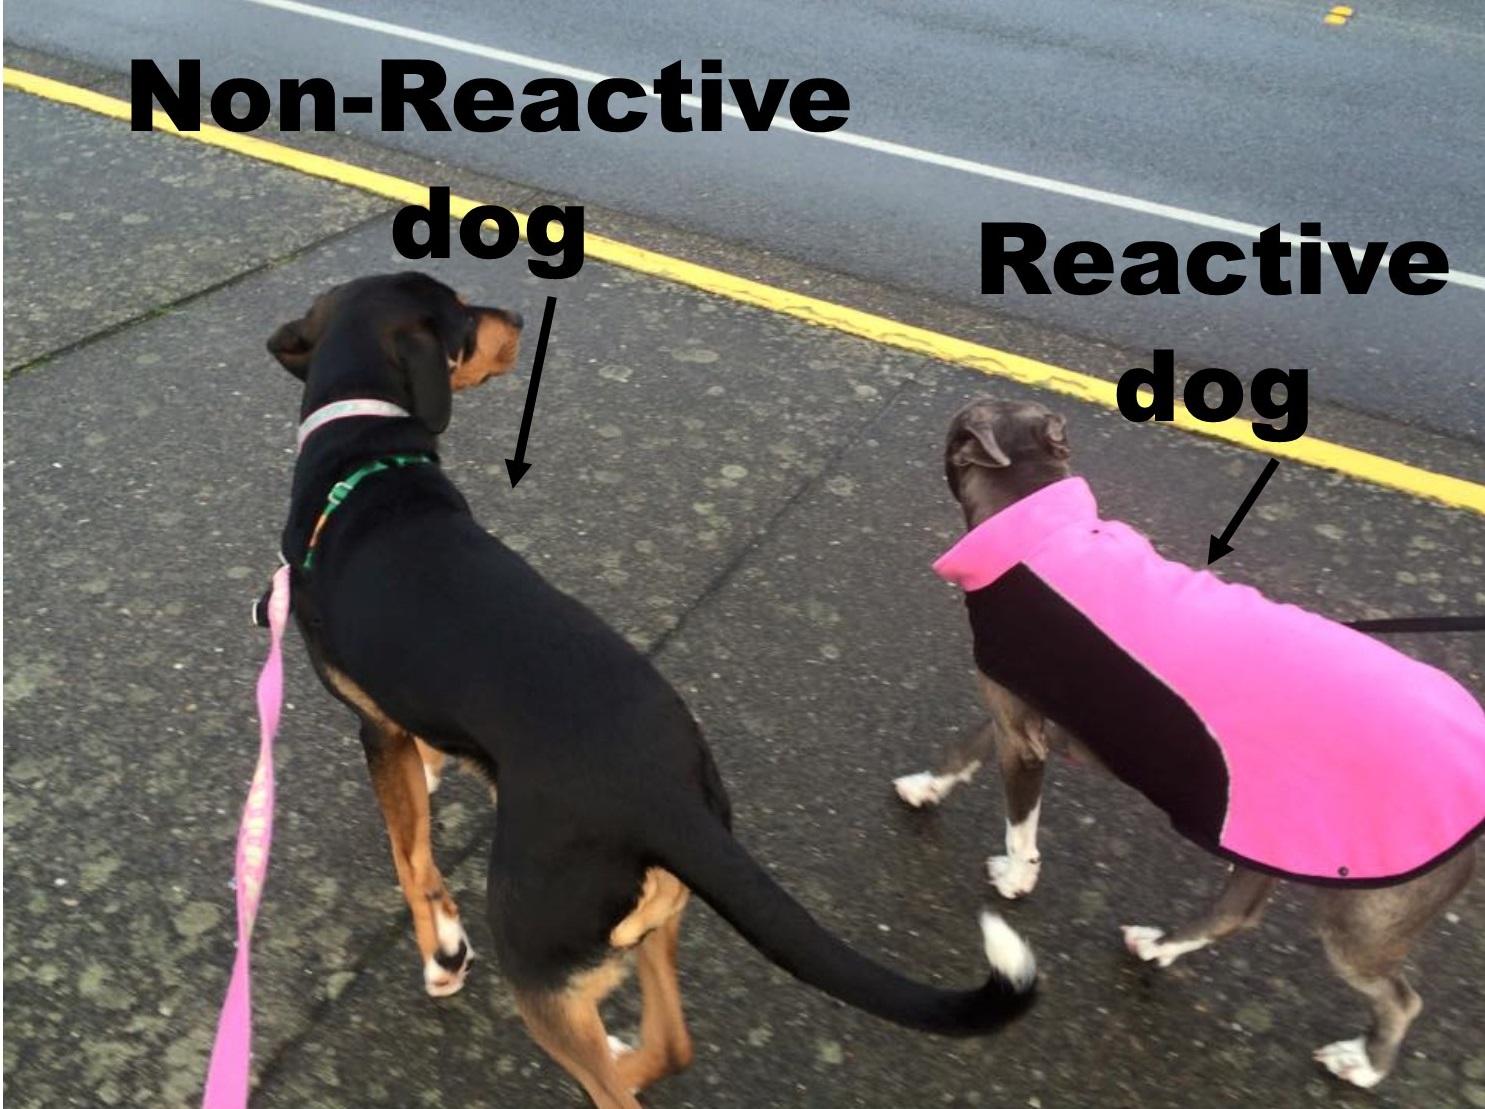 reactive dog